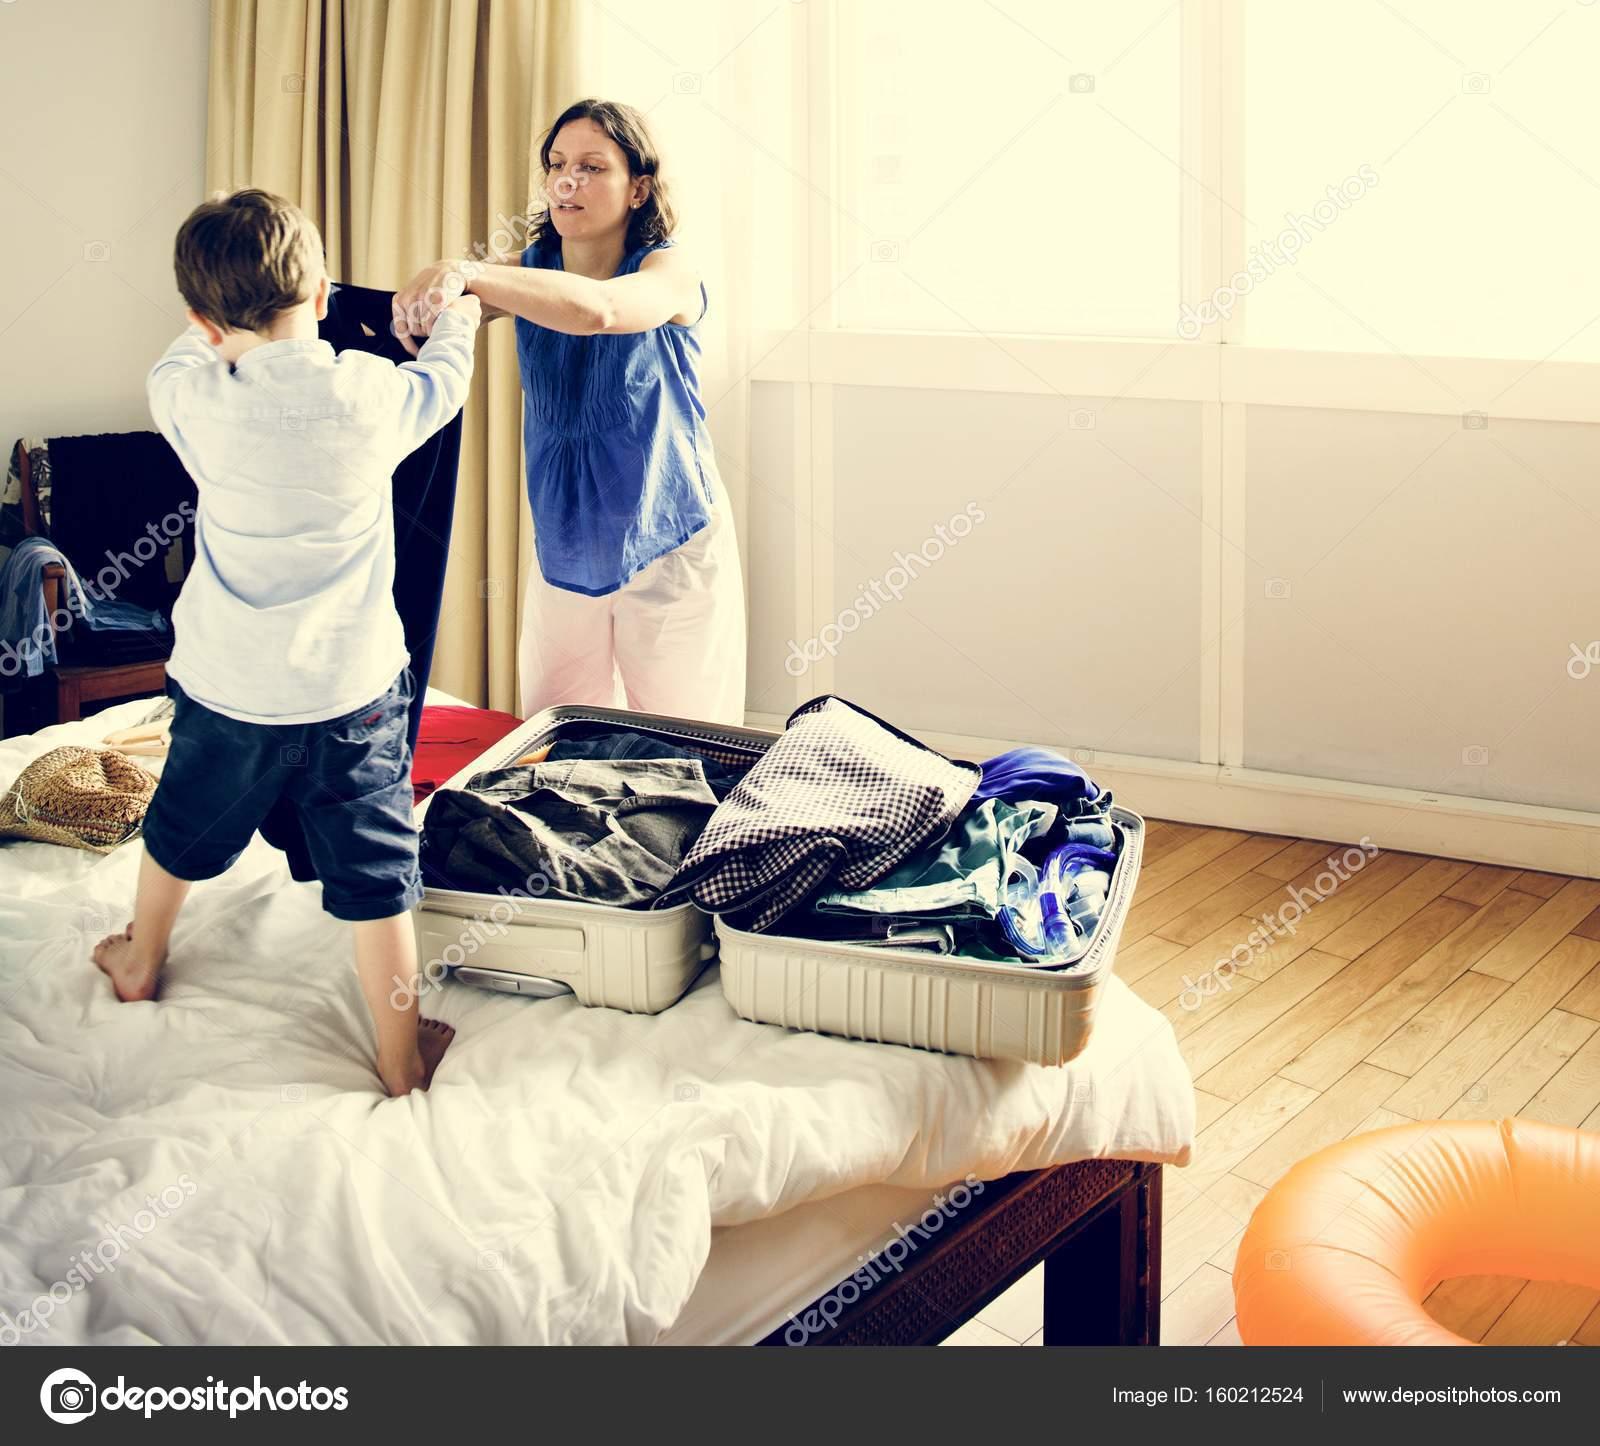 μαμά σεξ με τον γιο στο σπίτι μεγάλο μαύρο καβλί βίδιος